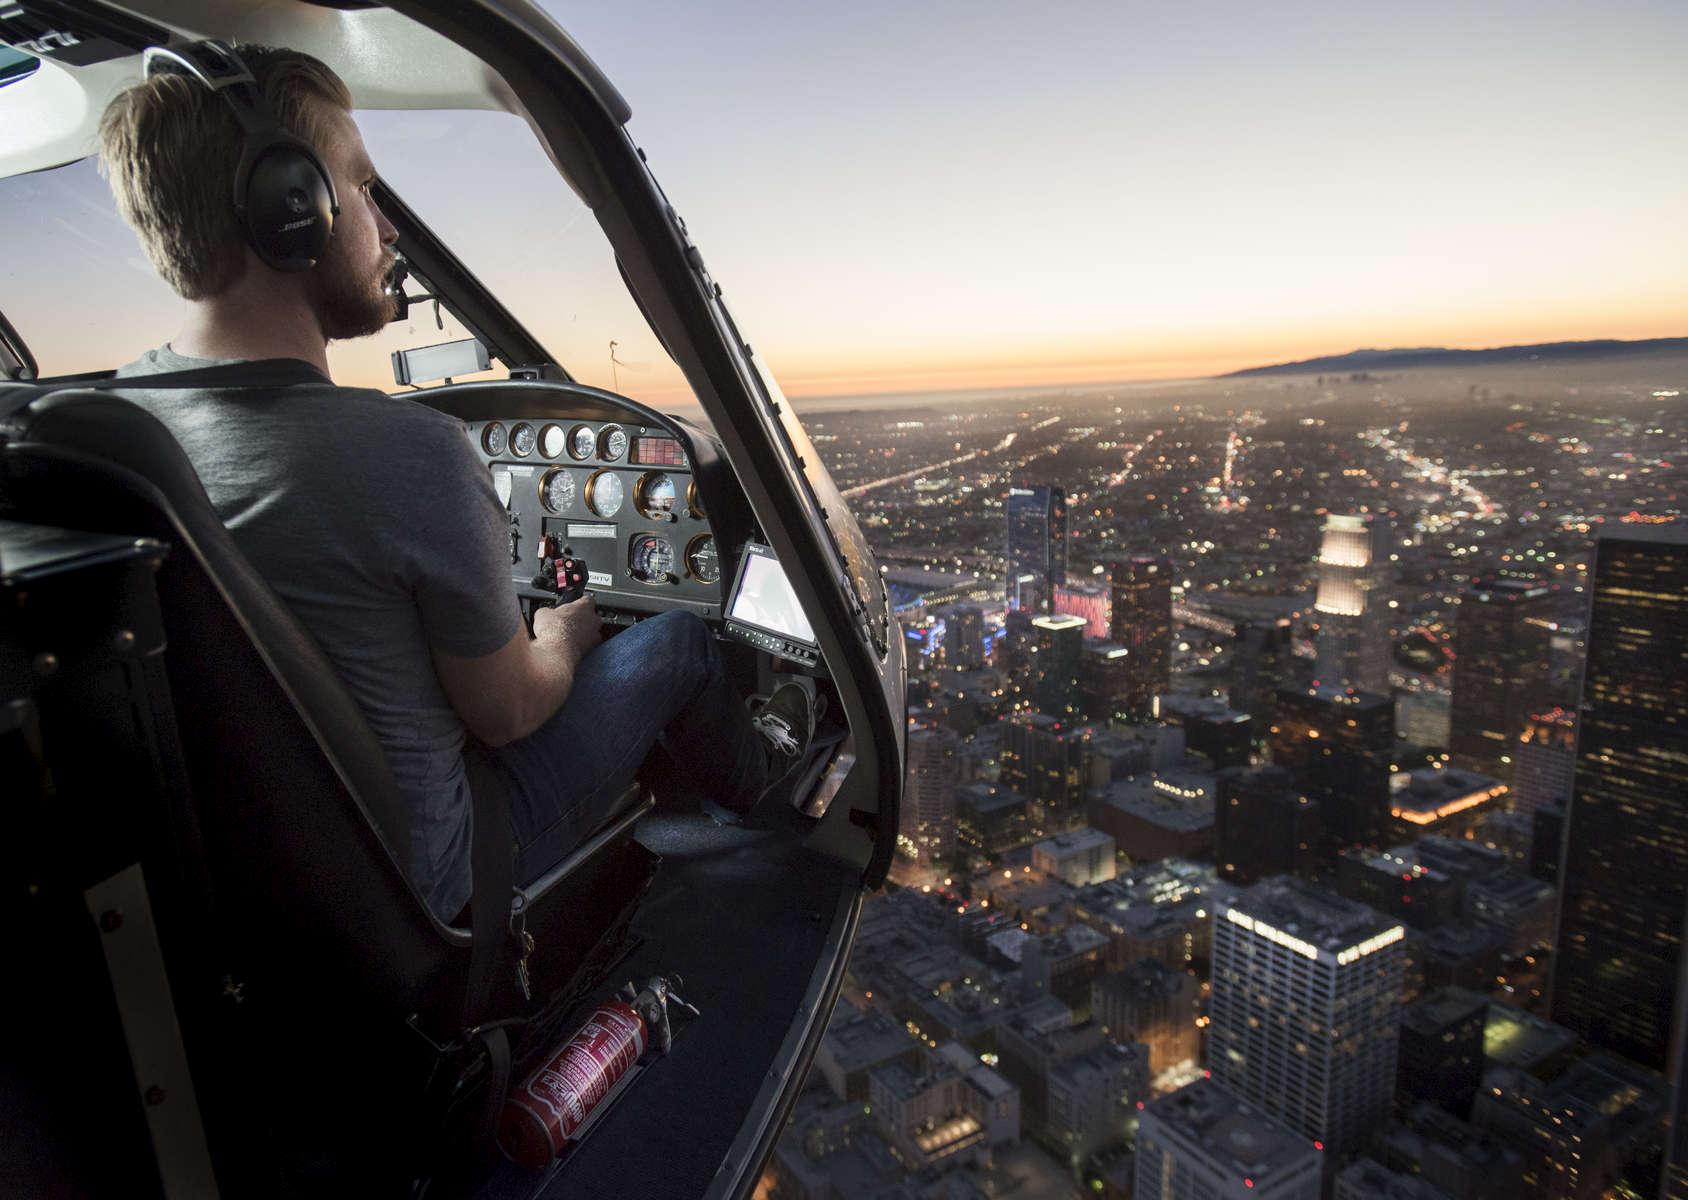 chopper043a